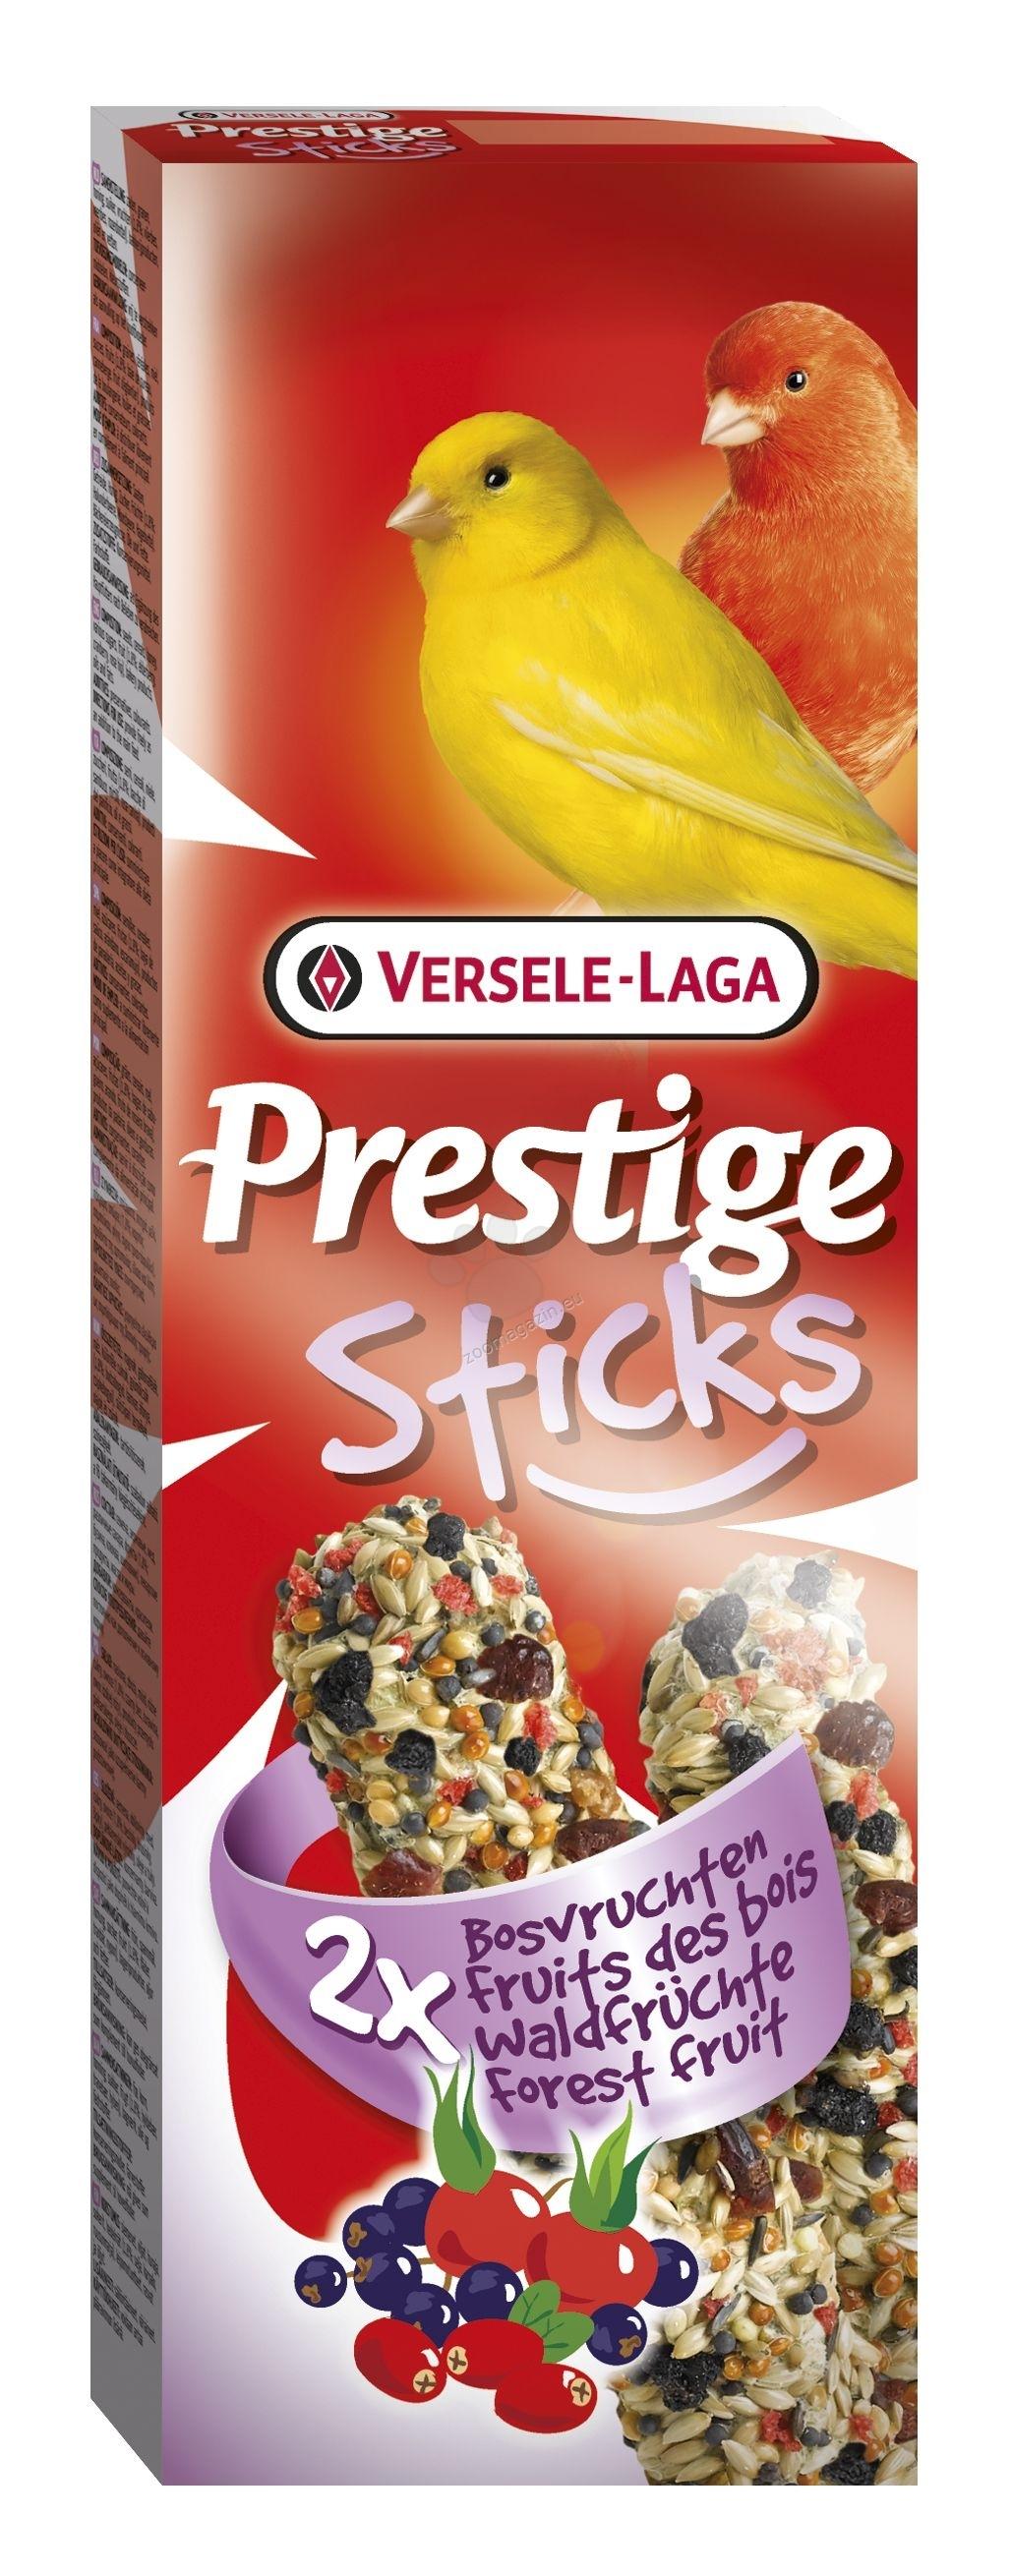 Versele Laga - Prestige Sticks Canaries Forest Fruit - стик за канари с горски плодове - 2 / 30 гр.